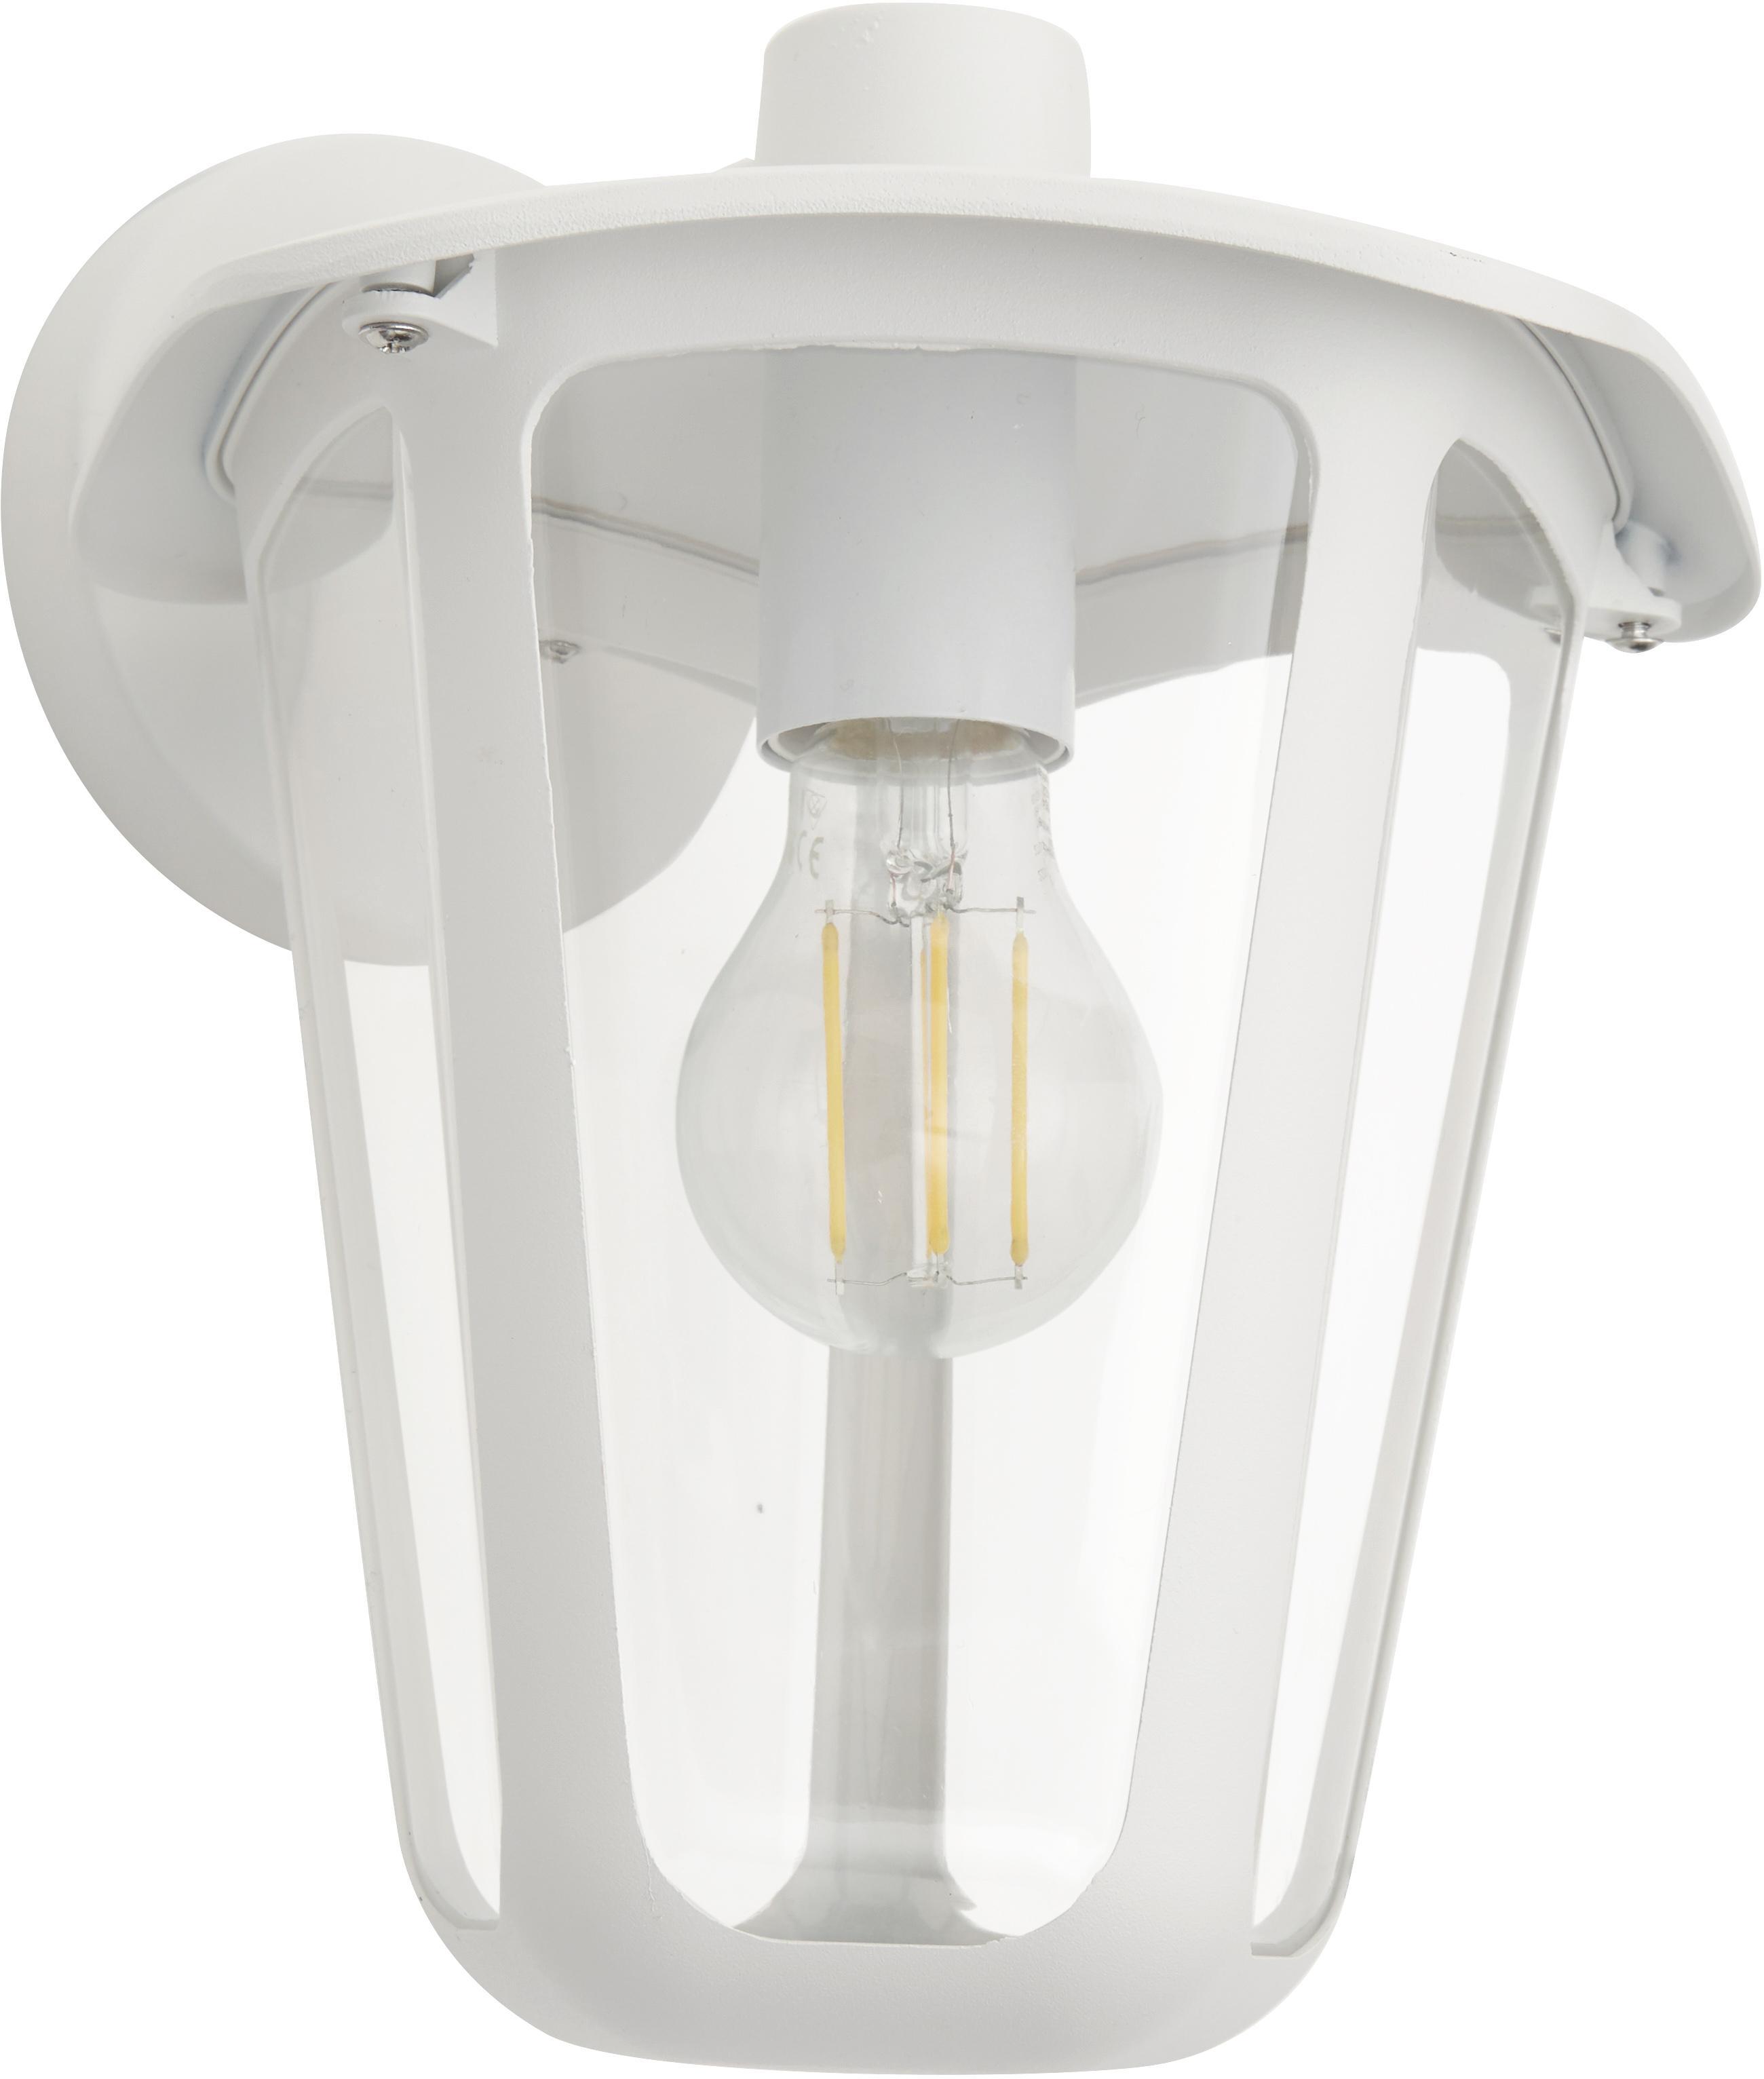 Outdoor wandlamp Monreale, Lampenkap: kunststof, Wit, 23 x 28 cm